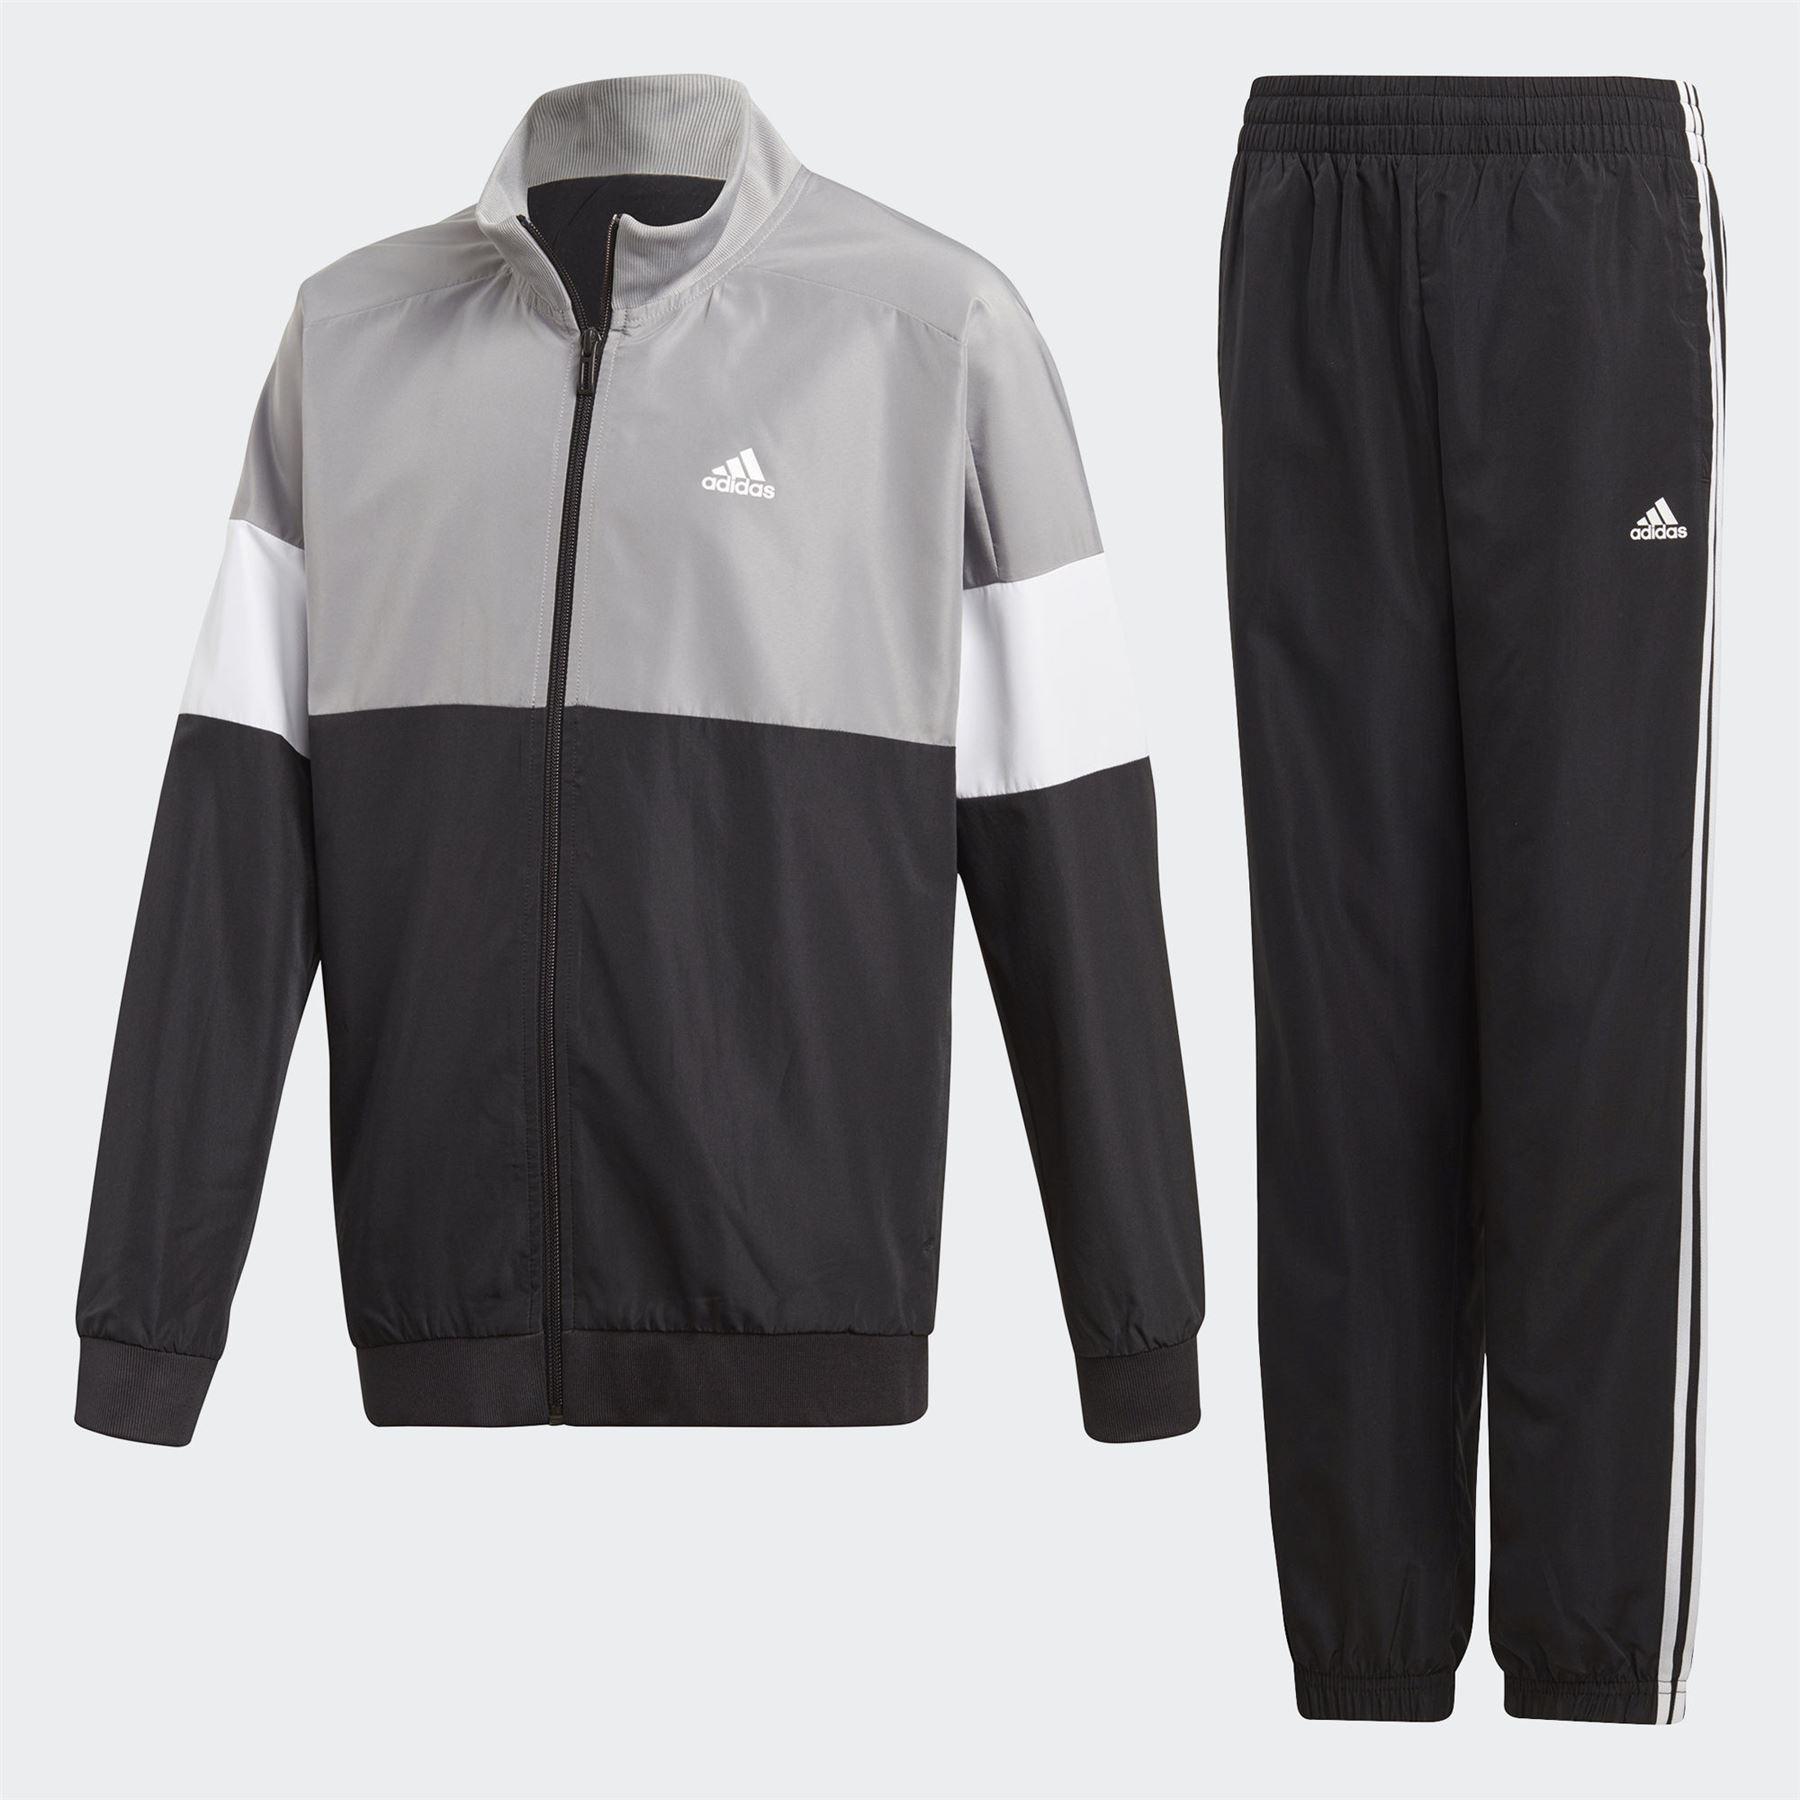 estar impresionado Sinfonía Decir a un lado  Adidas Niños Yb Chándal Cremallera Camiseta SPORTS Chaqueta Fondos Informal  Gris | eBay